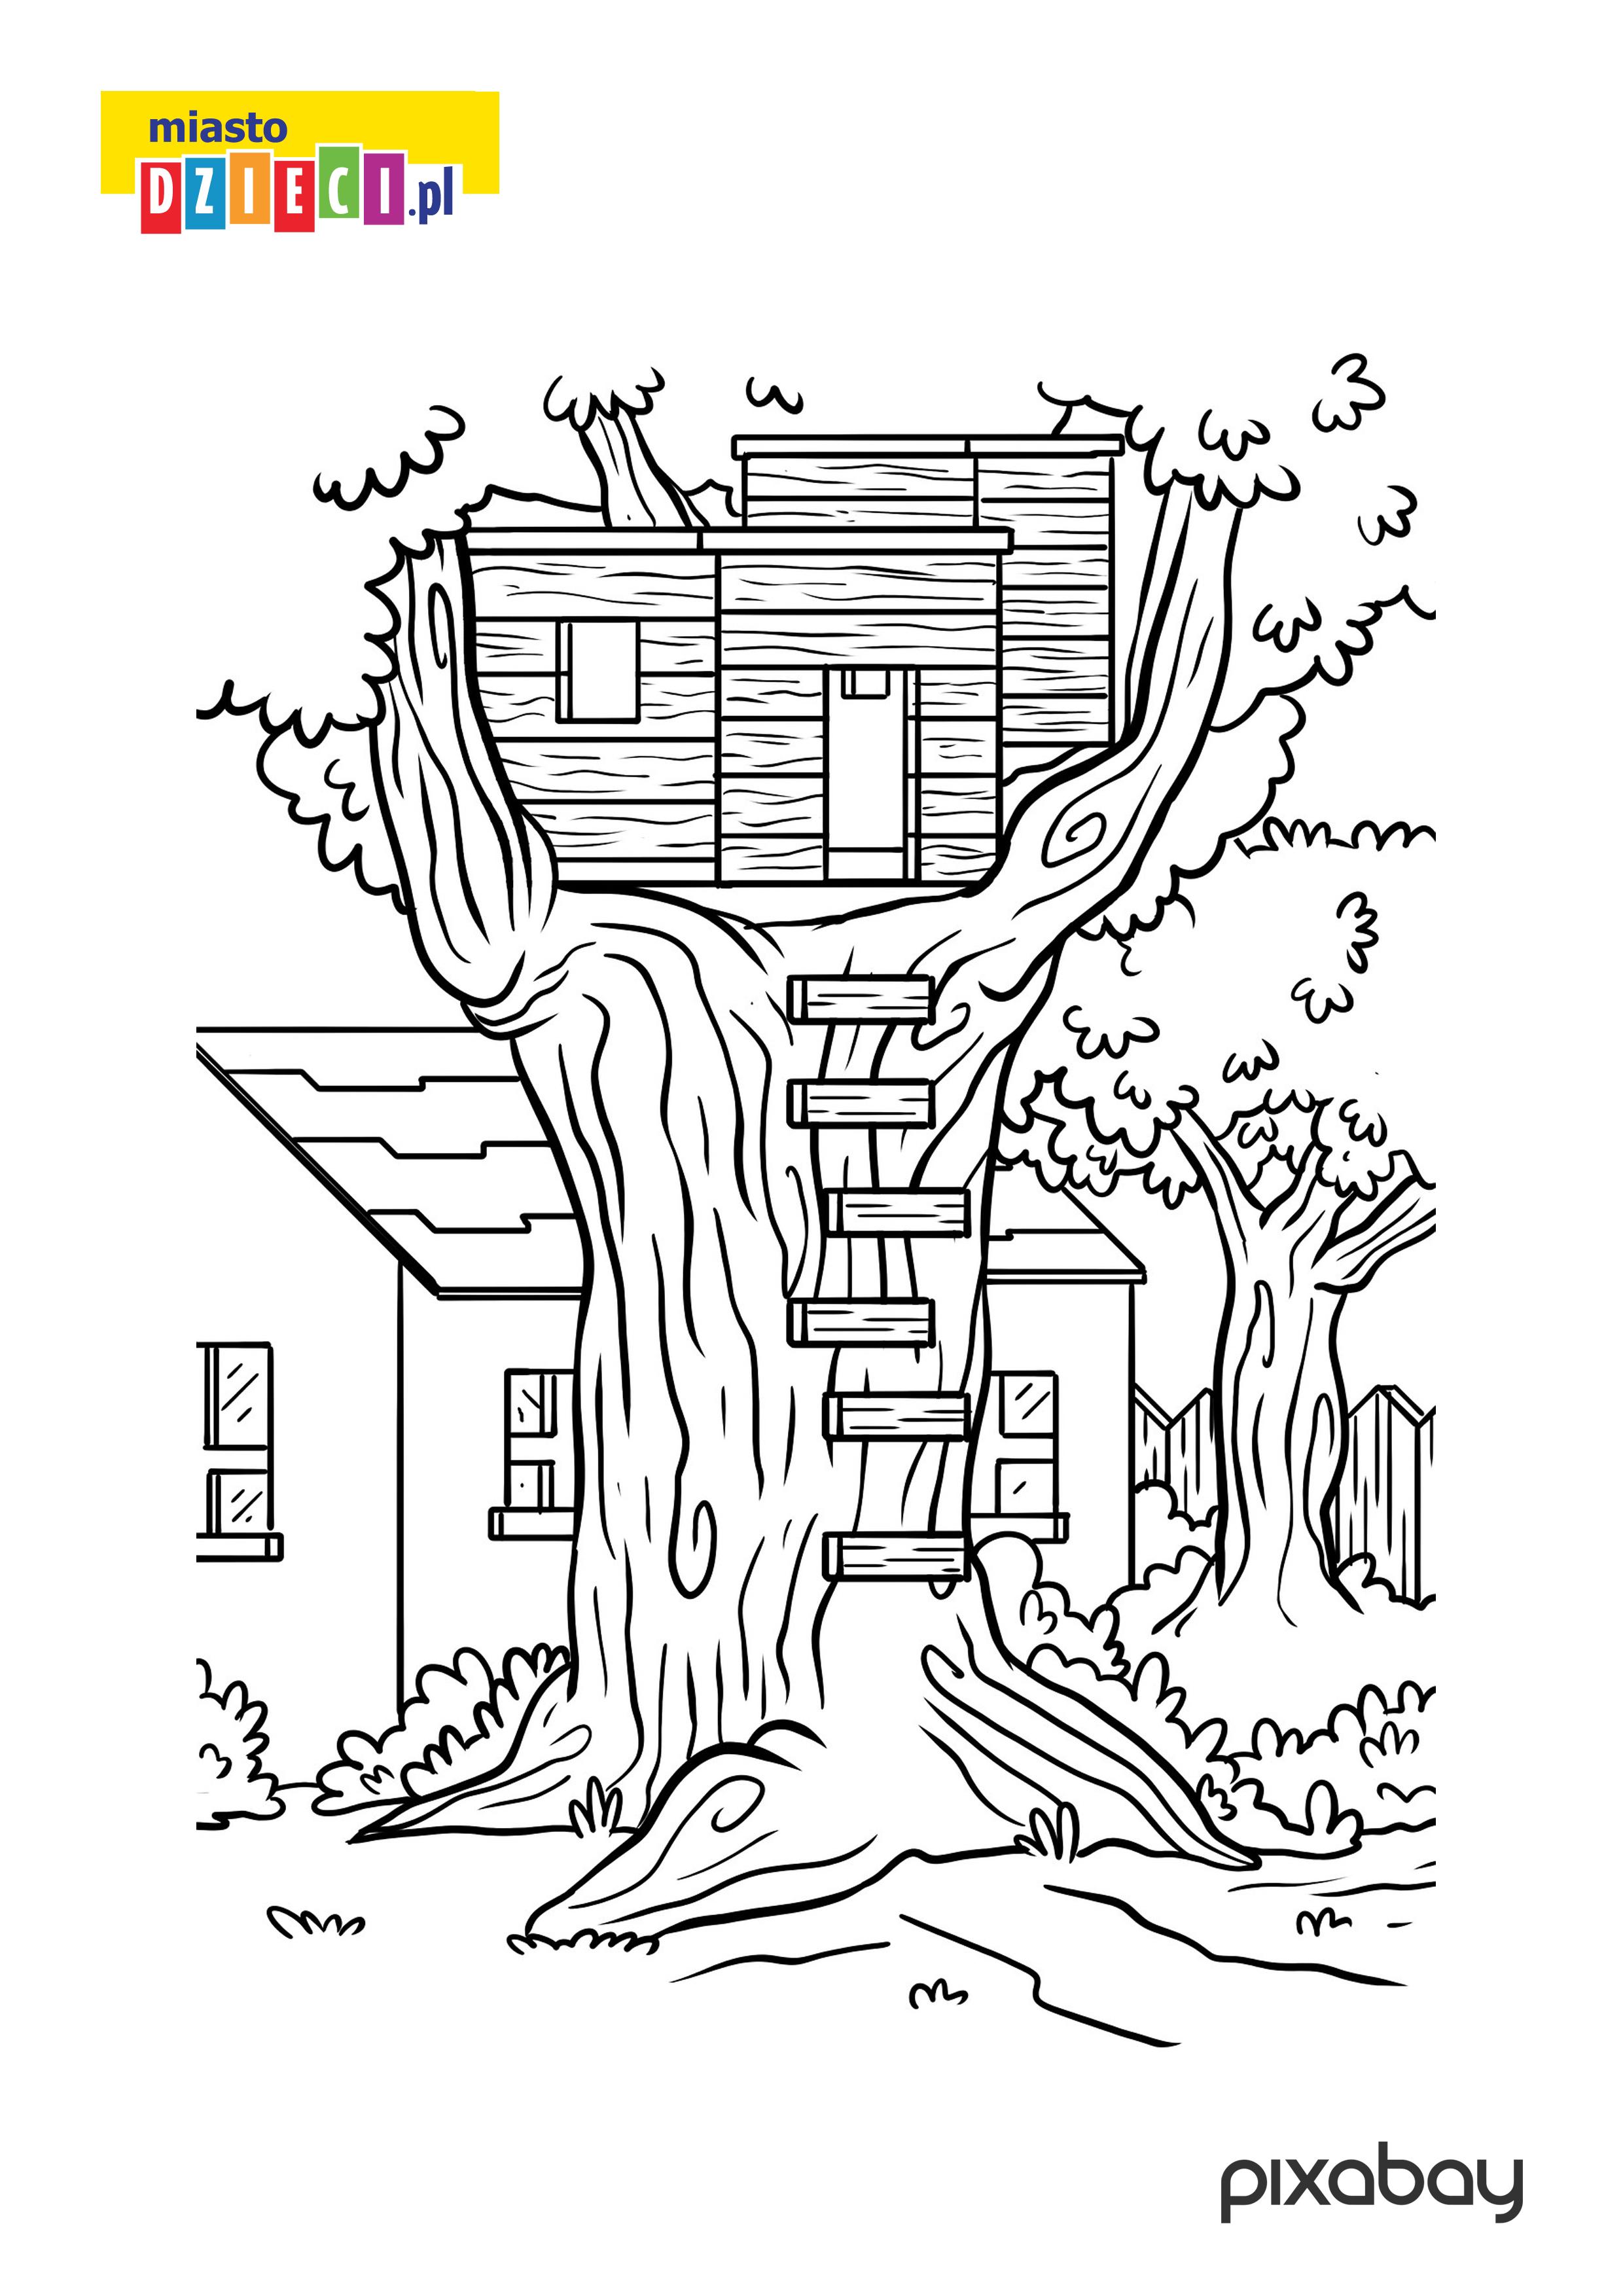 Domek Na Drzewie Kolorowanka Do Druku Bezplatne Malowanki Tematyczne Dla Dzieci Miastodzieci Pl